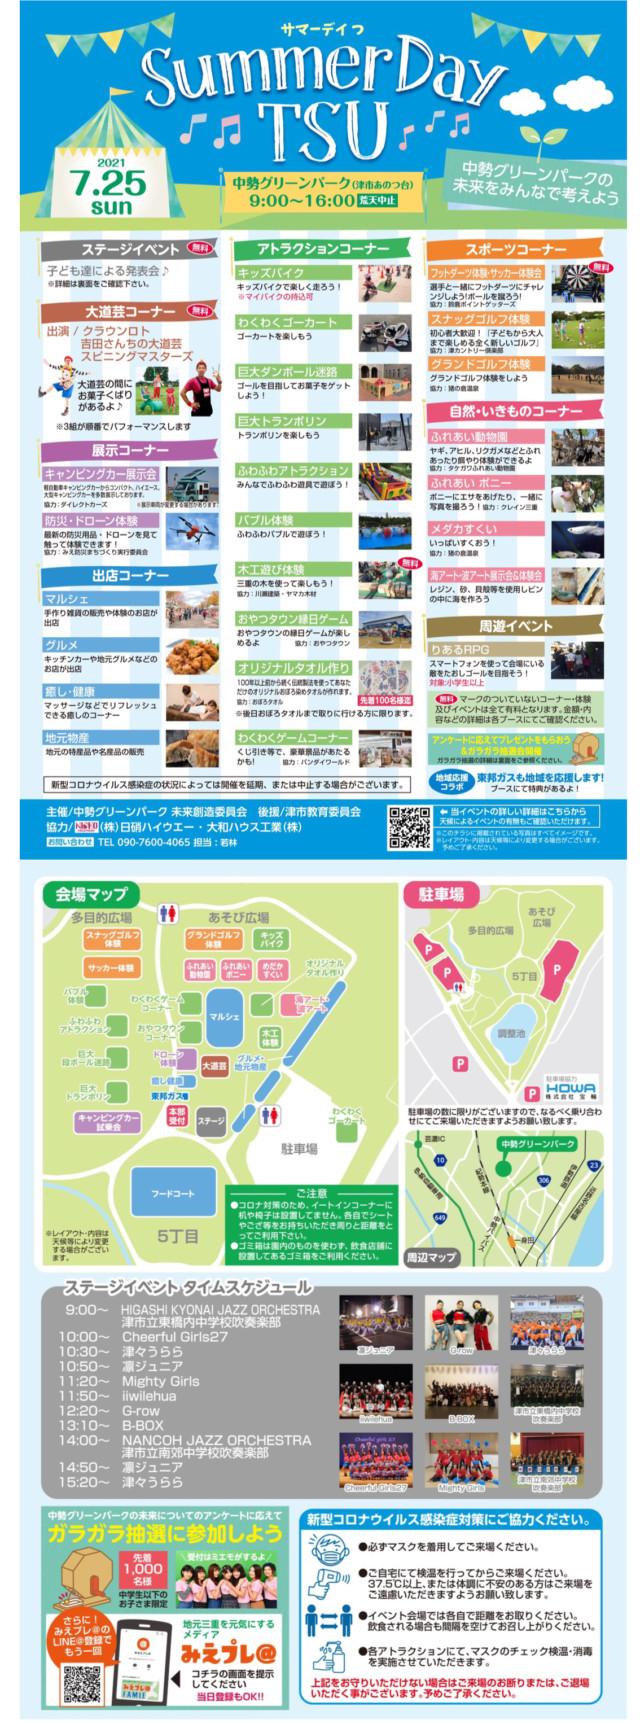 SUMMER DAY TSU in 中勢グリーンパーク